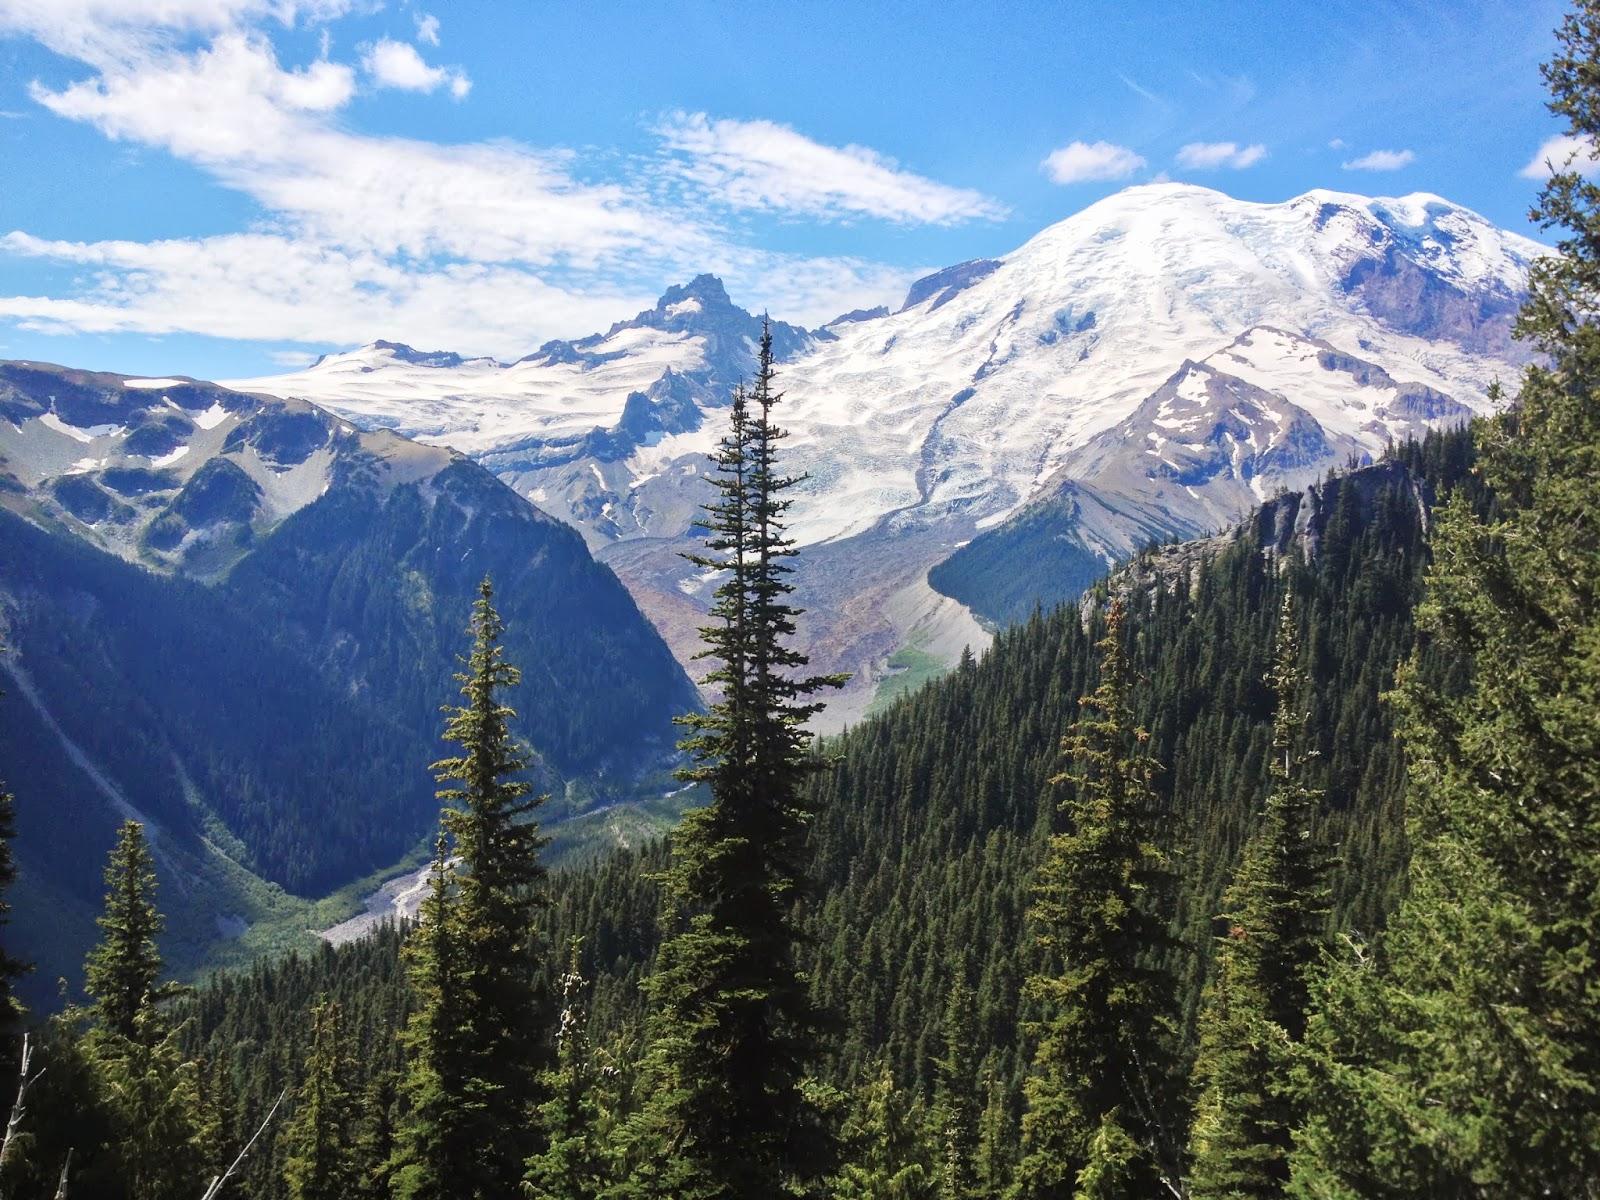 Growing Steady: Mt. Rainier National Park